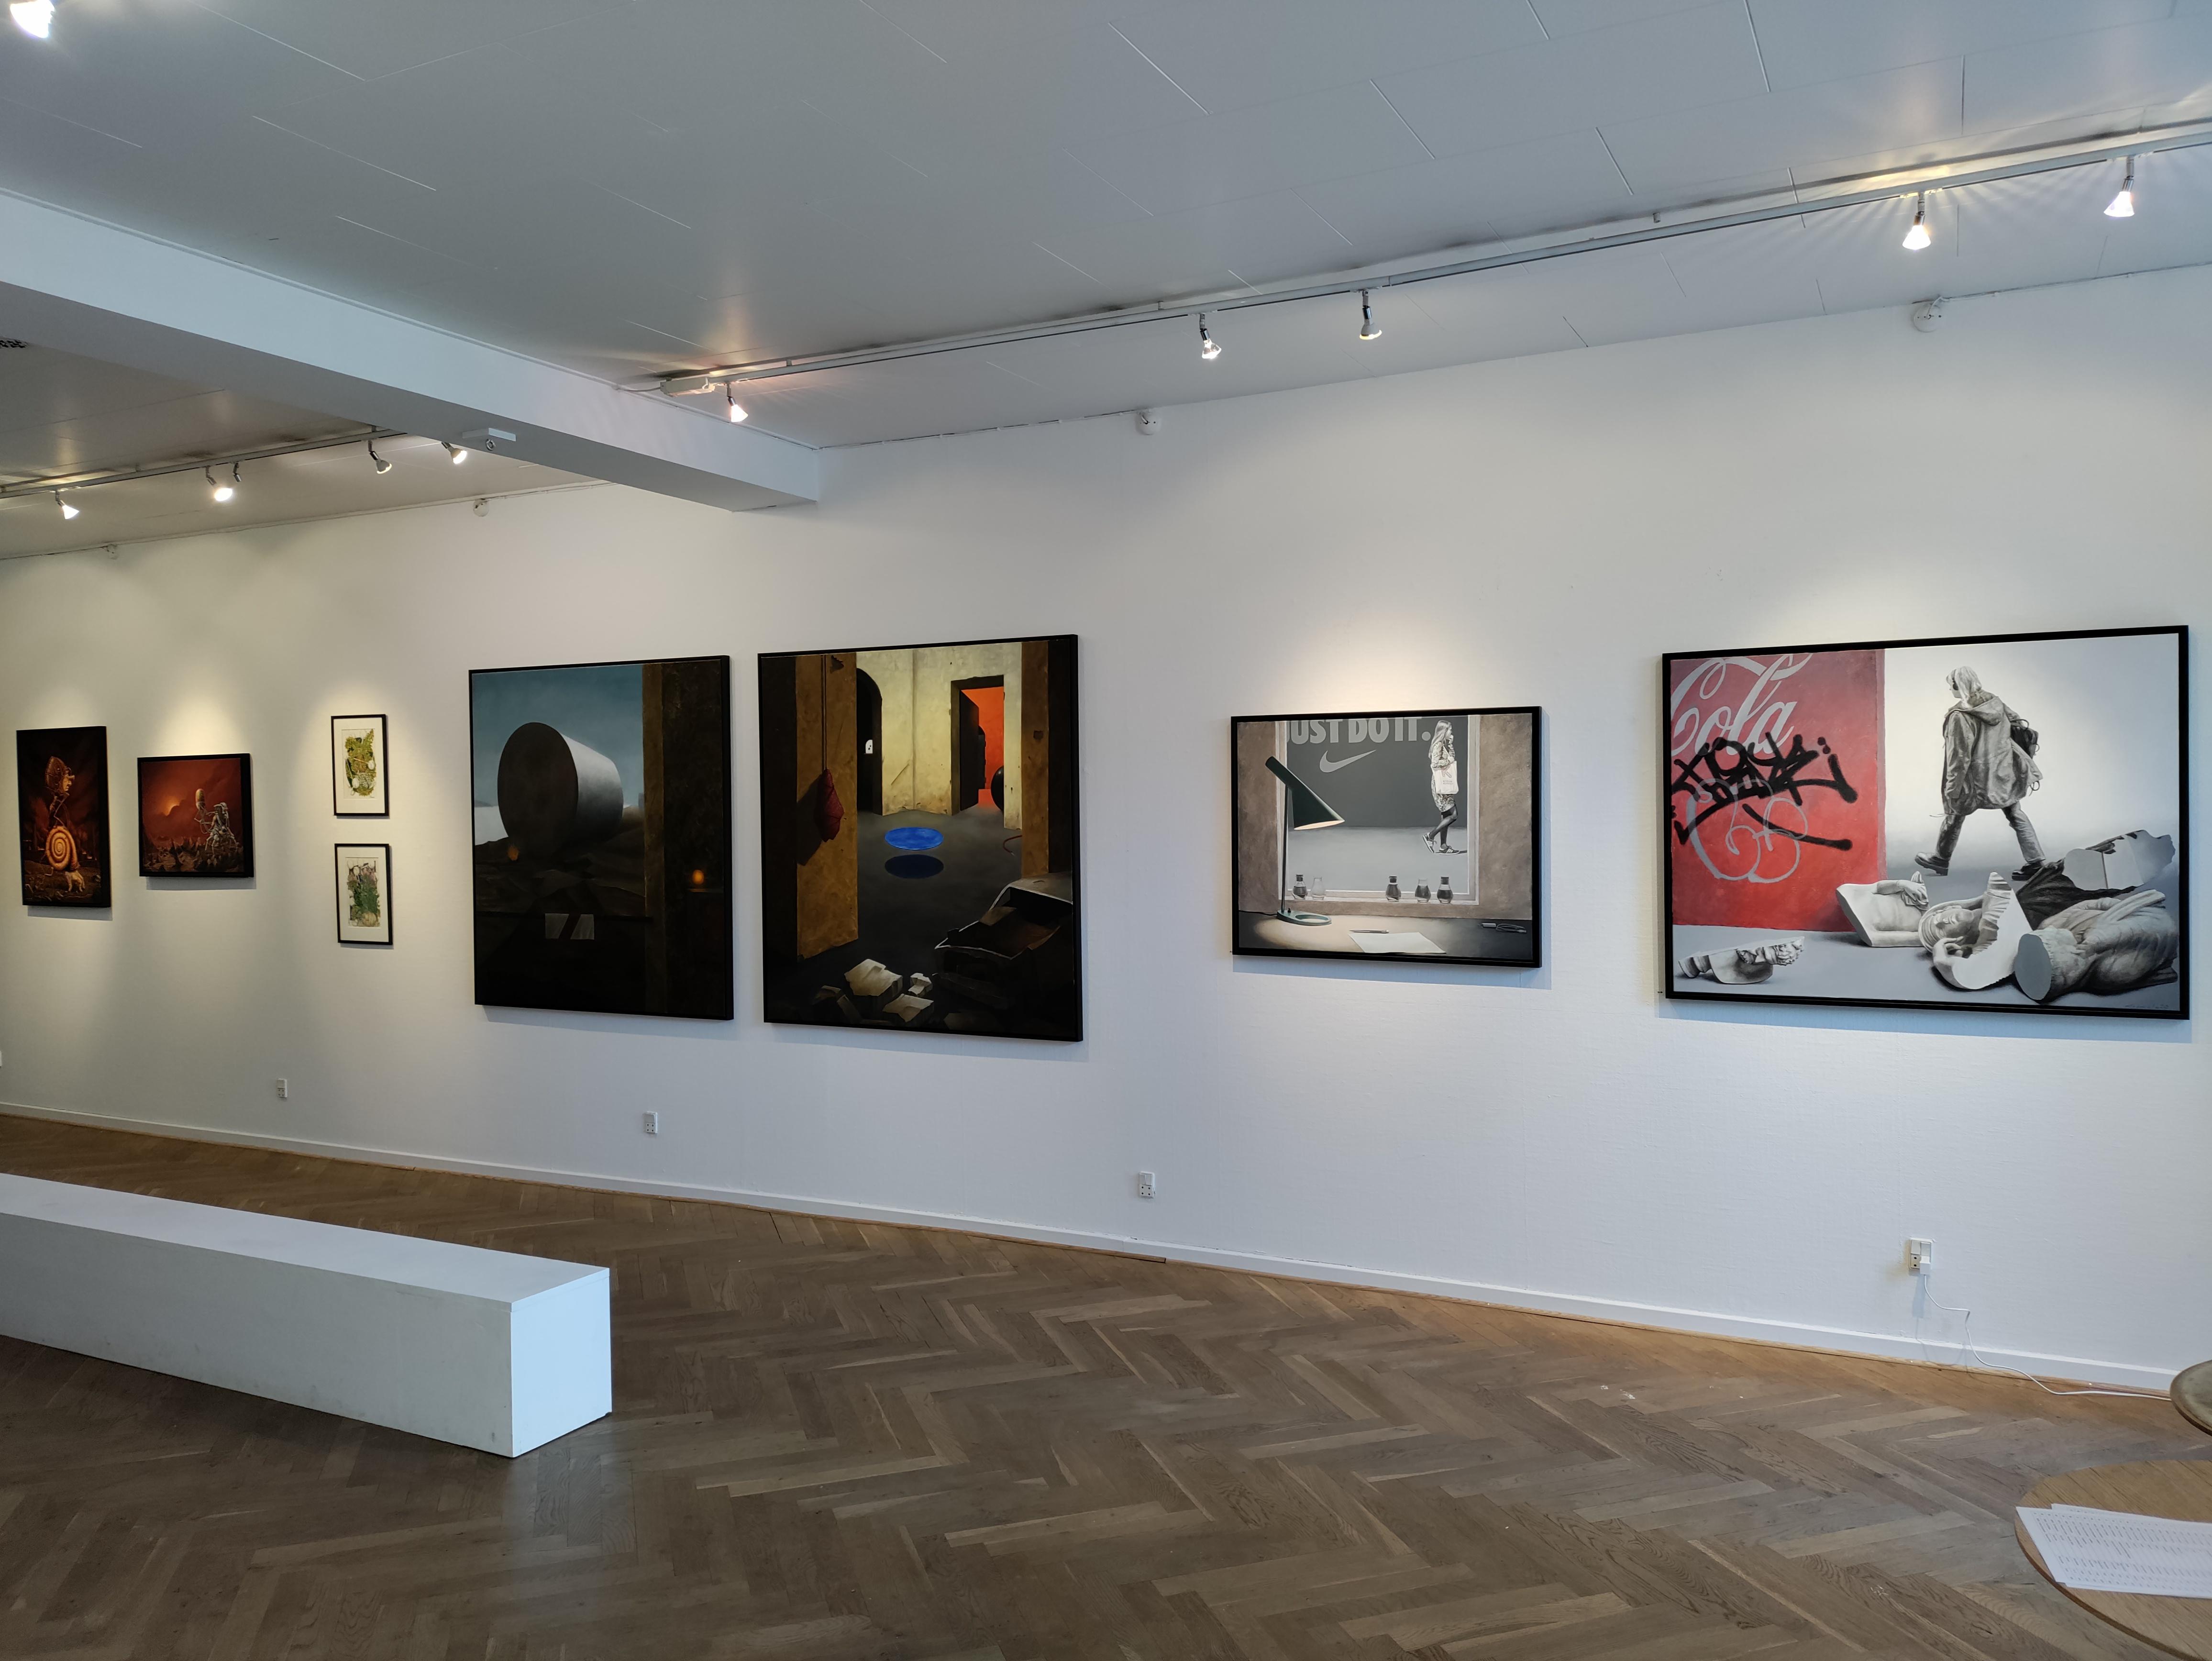 2-Den-Vaagne-Droem-flot-langvaeg-i-Bredgade-Kunsthandel-foto-Inge-Schjoedt